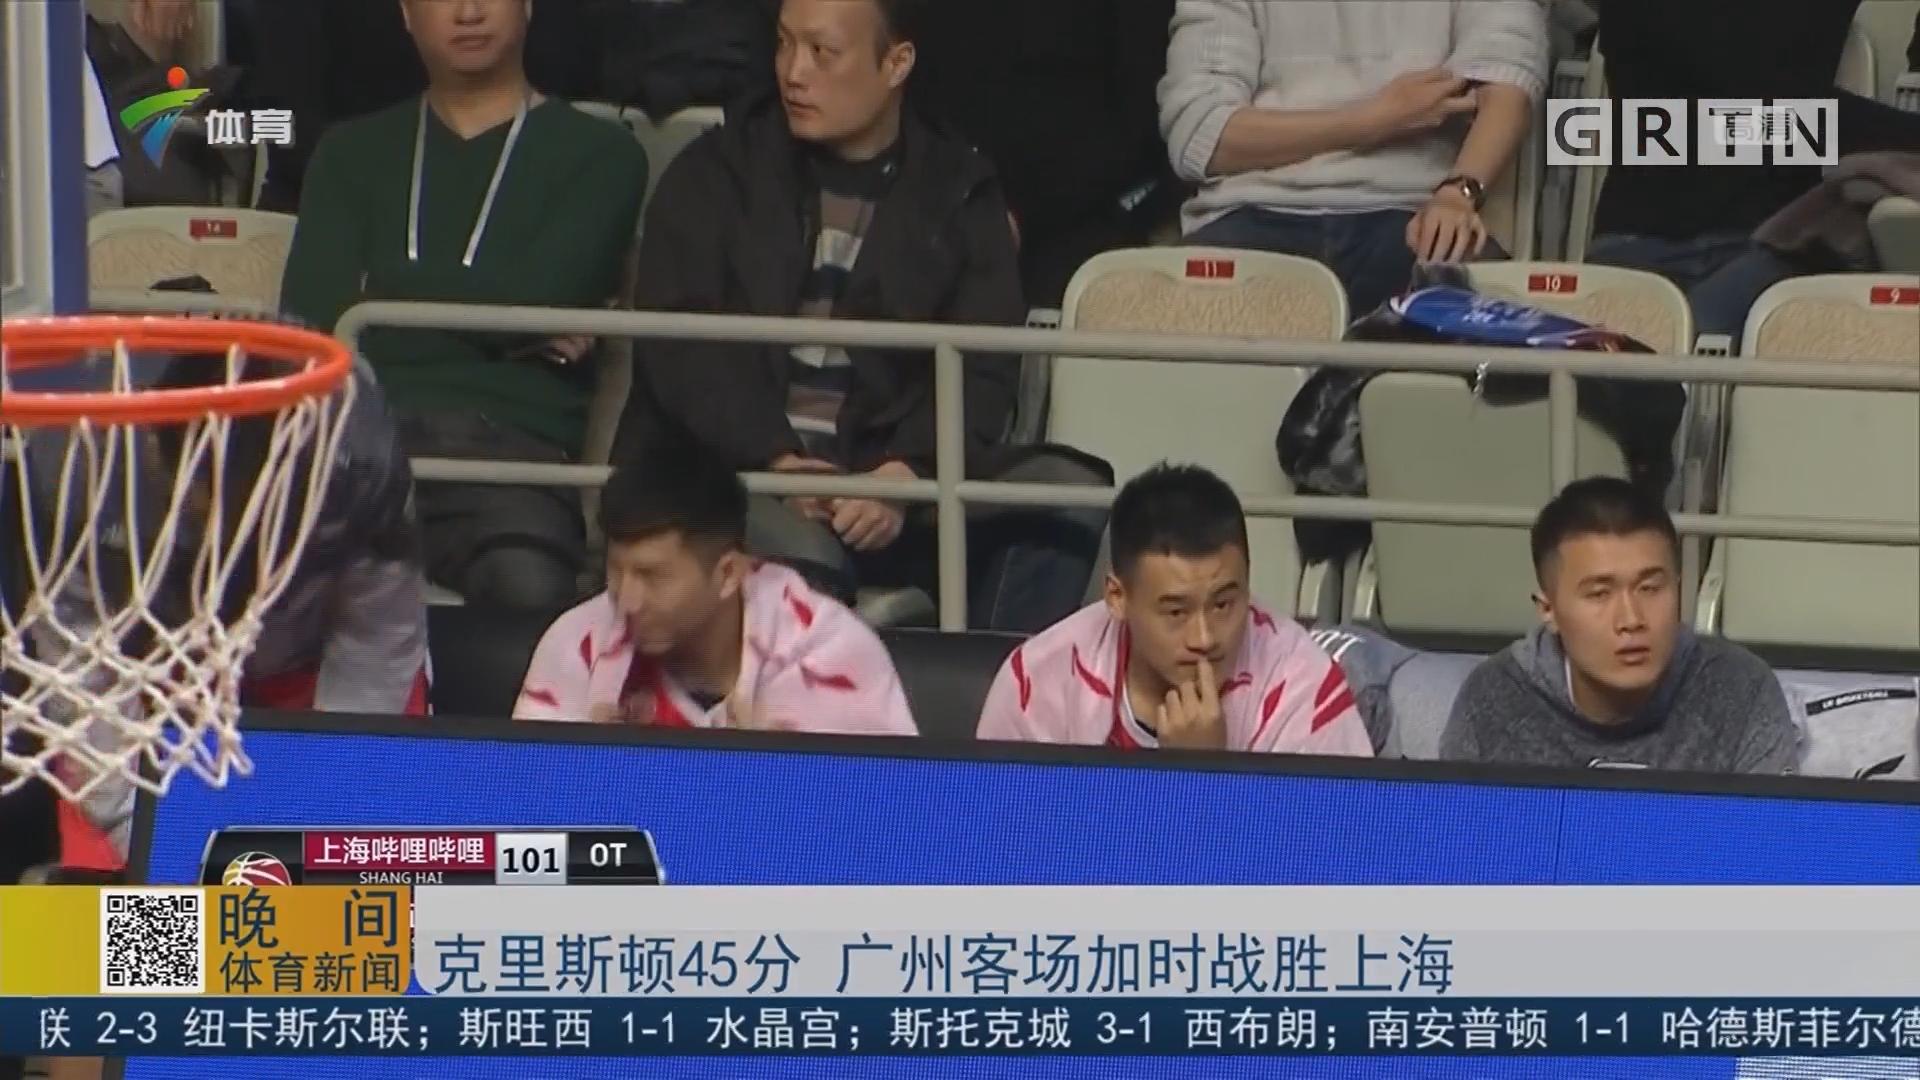 克里斯顿45分 广州客场加时战胜上海